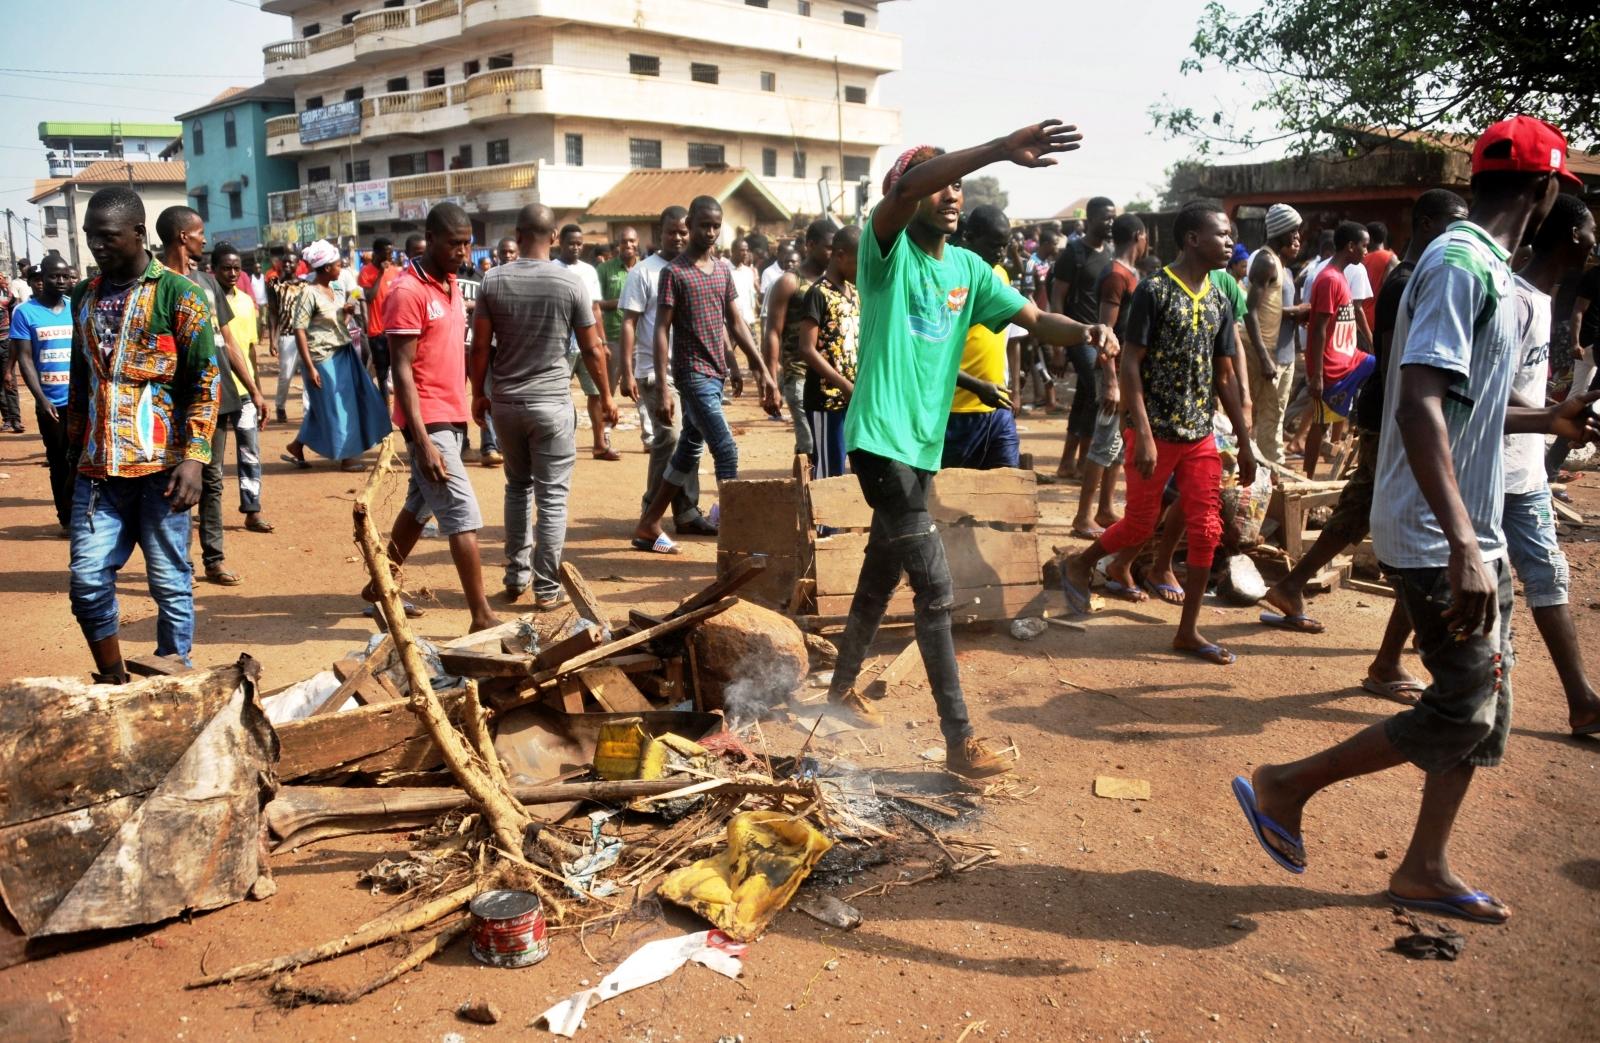 Guinea education protest